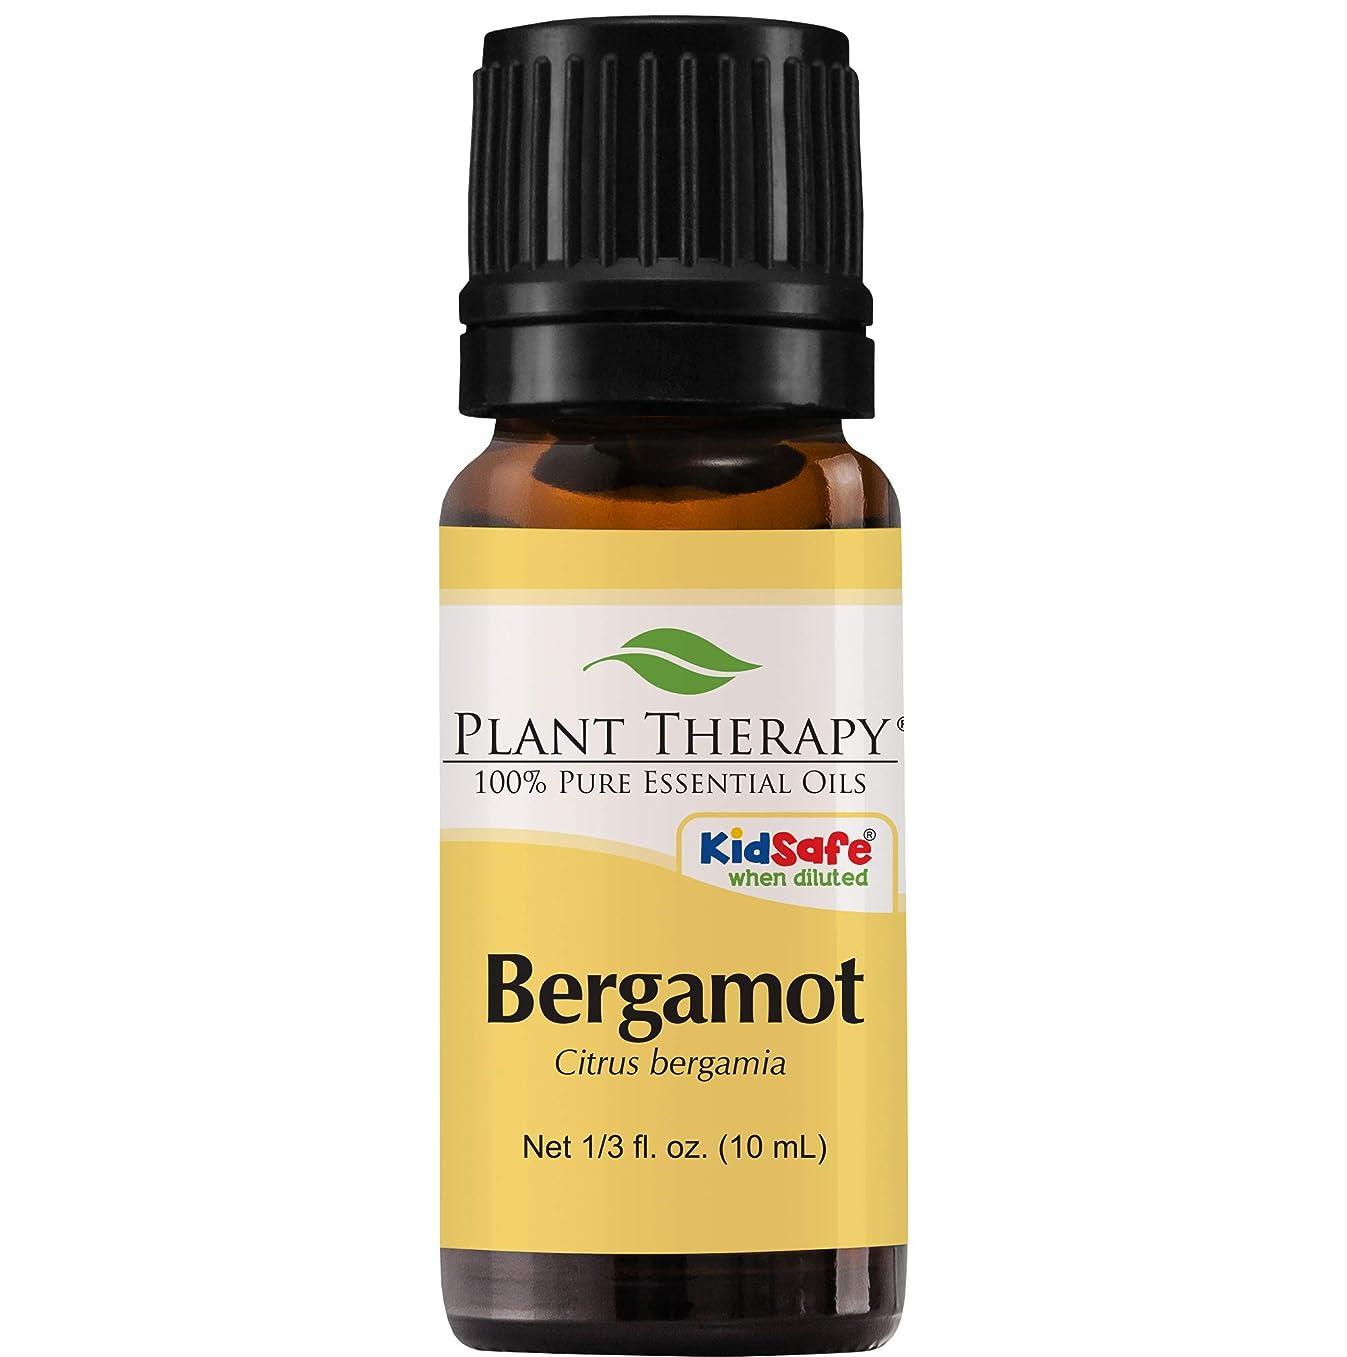 計り知れないホラー怒るPlant Therapy Essential Oils (プラントセラピー エッセンシャルオイル) ベルガモット エッセンシャルオイル